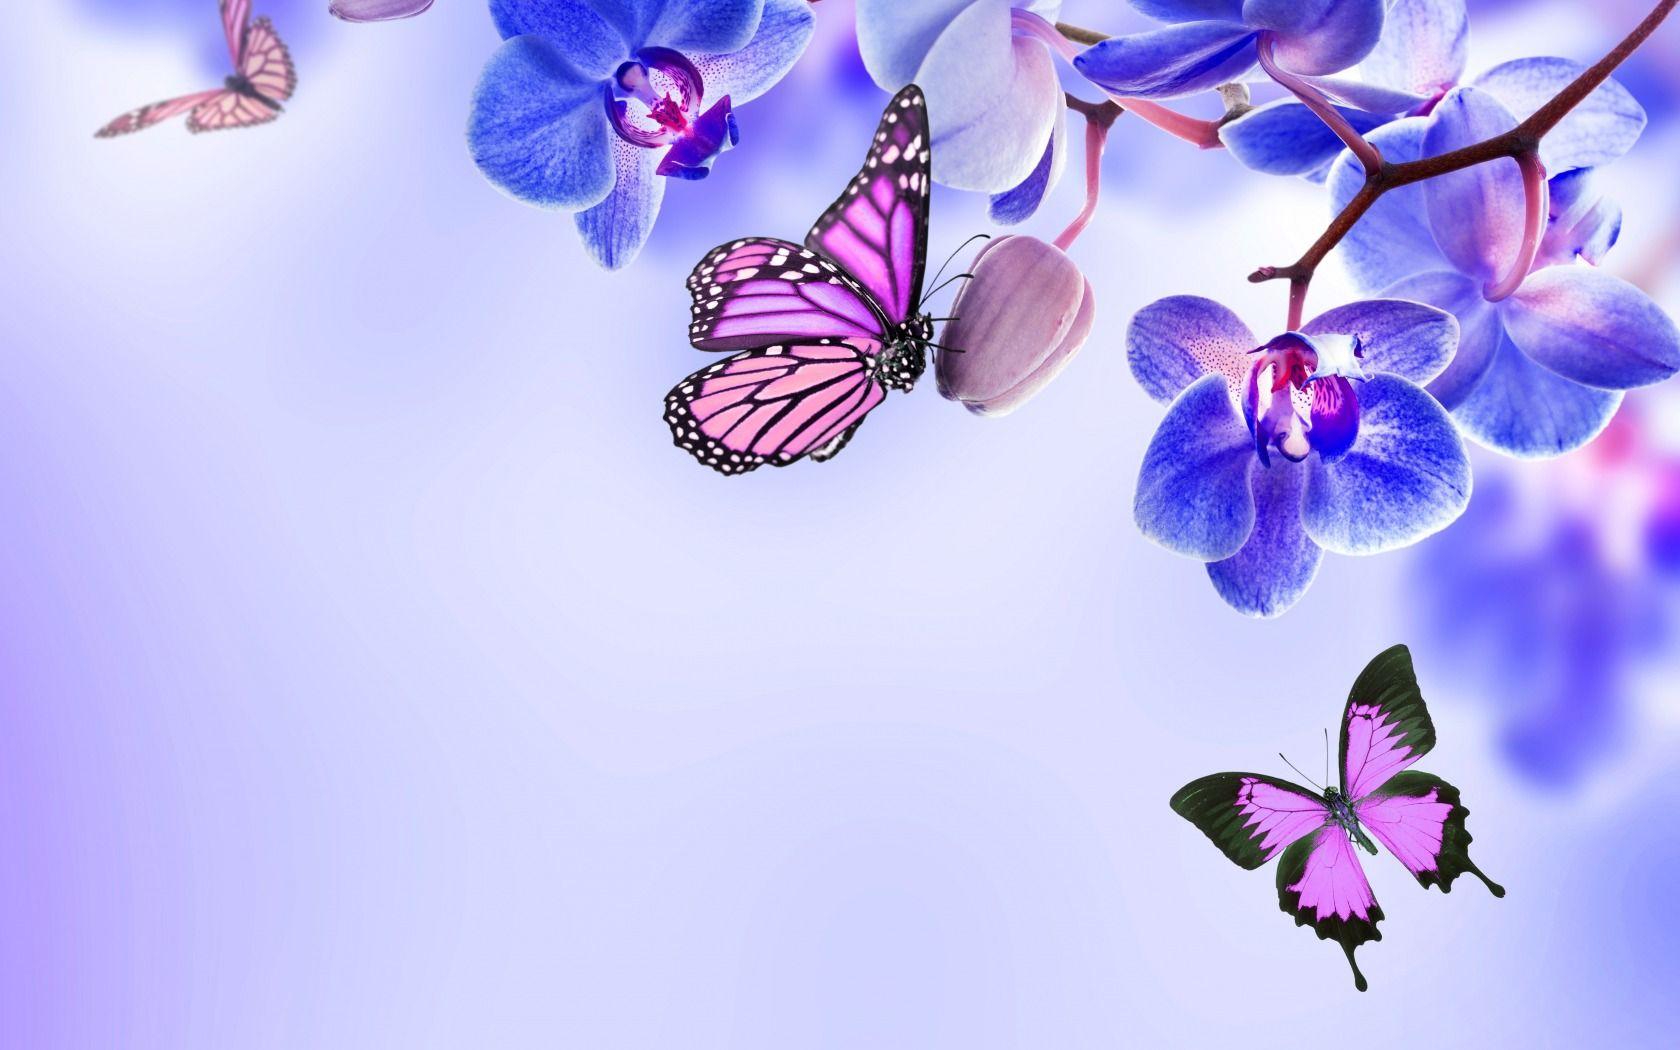 بالصور خلفيات شاشه جميله , خلفيات رائعة للفرشات 3678 2